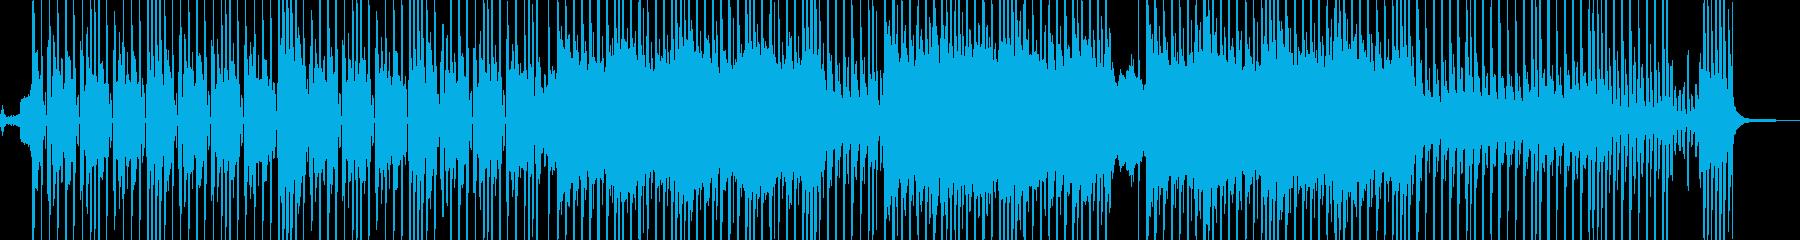 ビターエンドテーマのスロウテクノ 短尺★の再生済みの波形